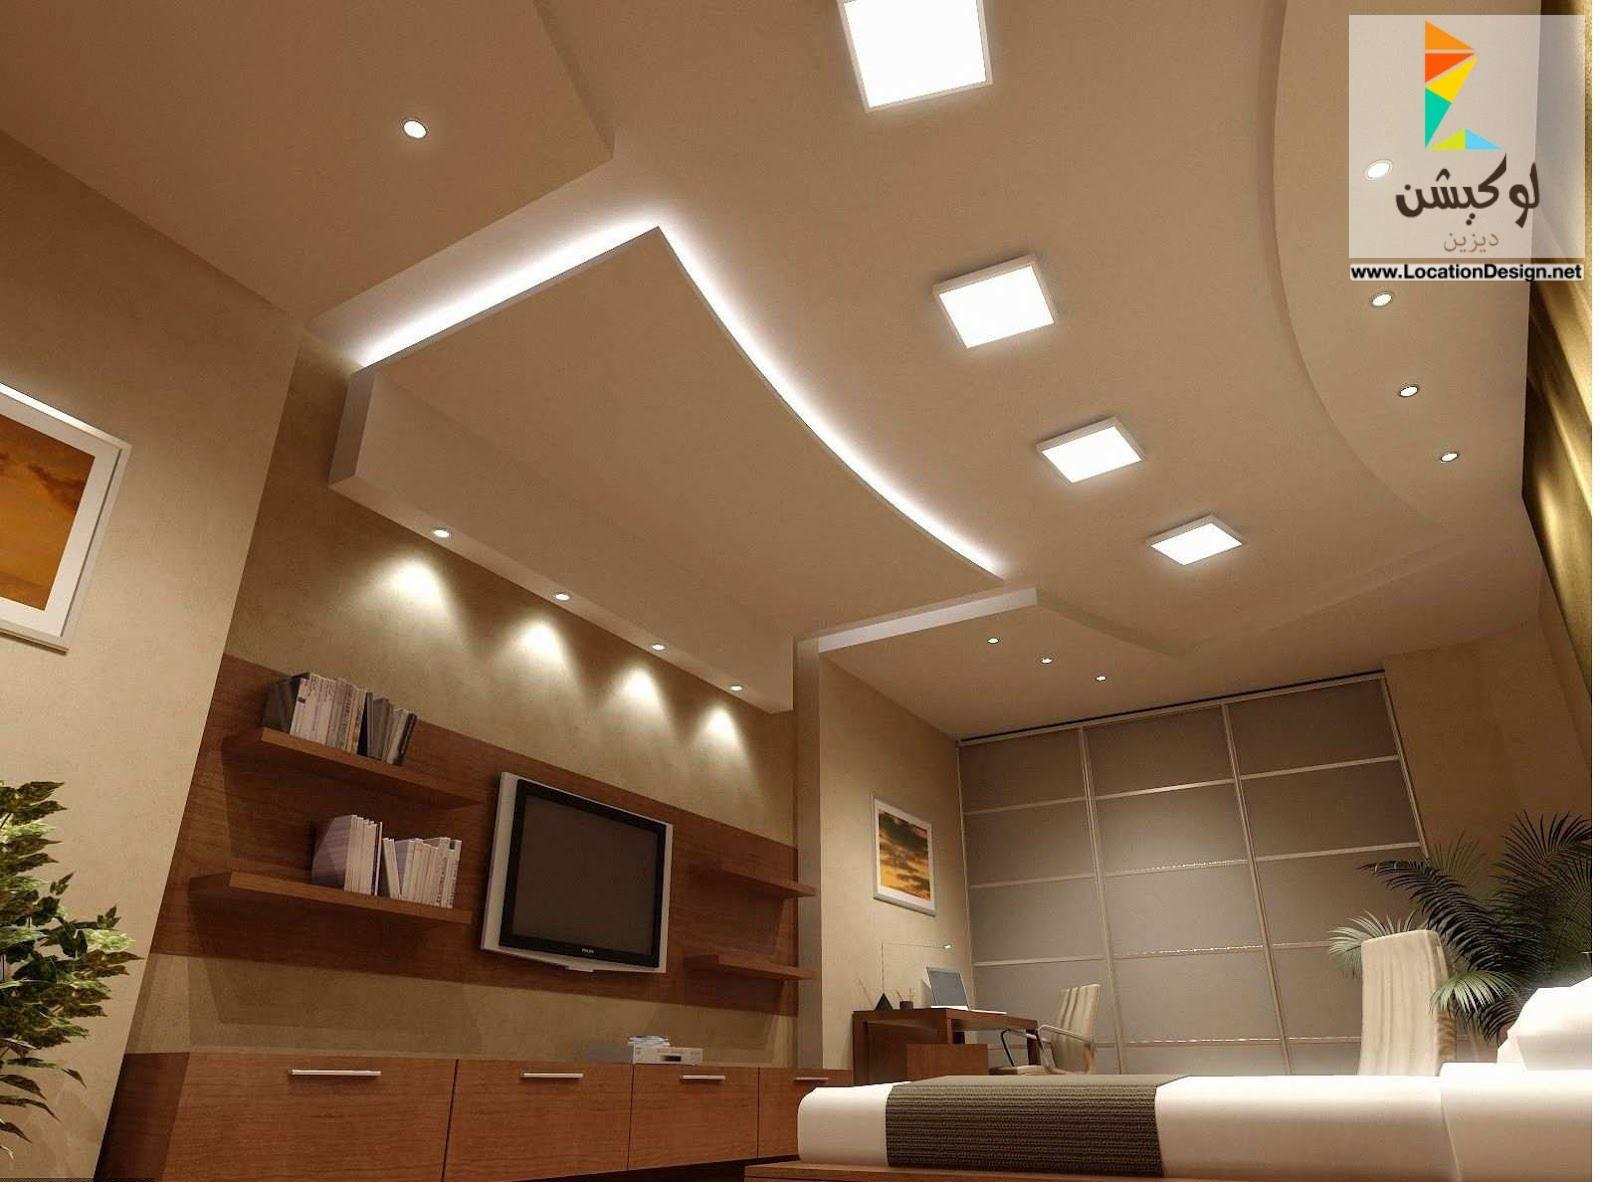 احدث افكار ديكور جبس بورد ريسبشن 2017 2018 لوكشين ديزين نت Ceiling Design Modern False Ceiling Design Pop Ceiling Design